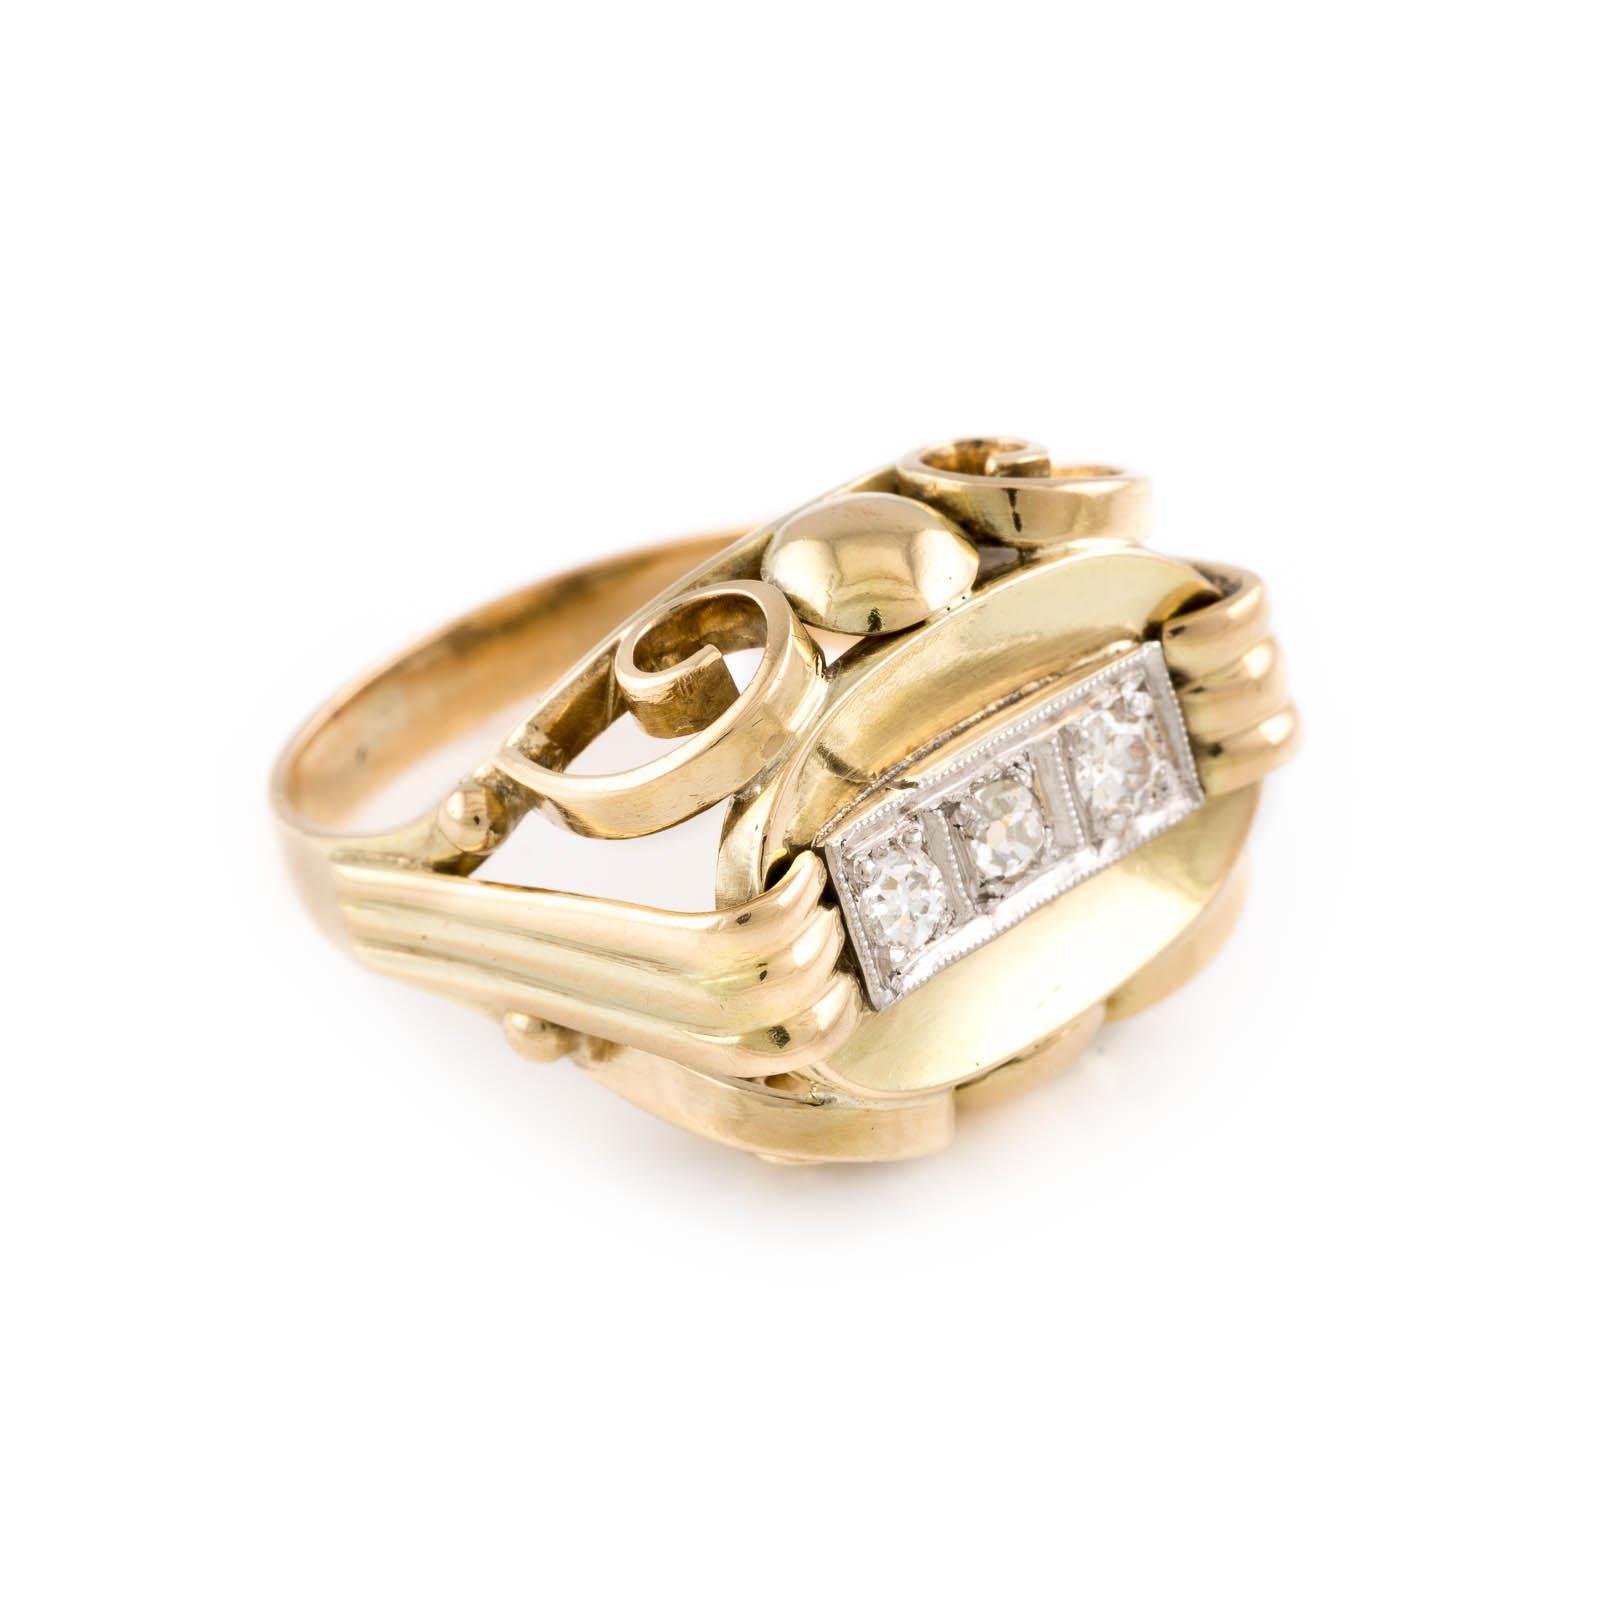 Lot 10 - DIAMANT-RING Gelbgold. Ringmaß ca. 55, Ges.-Gew. ca. 6,9 g. Gest. 585. Drei Diamanten im 8/8- und